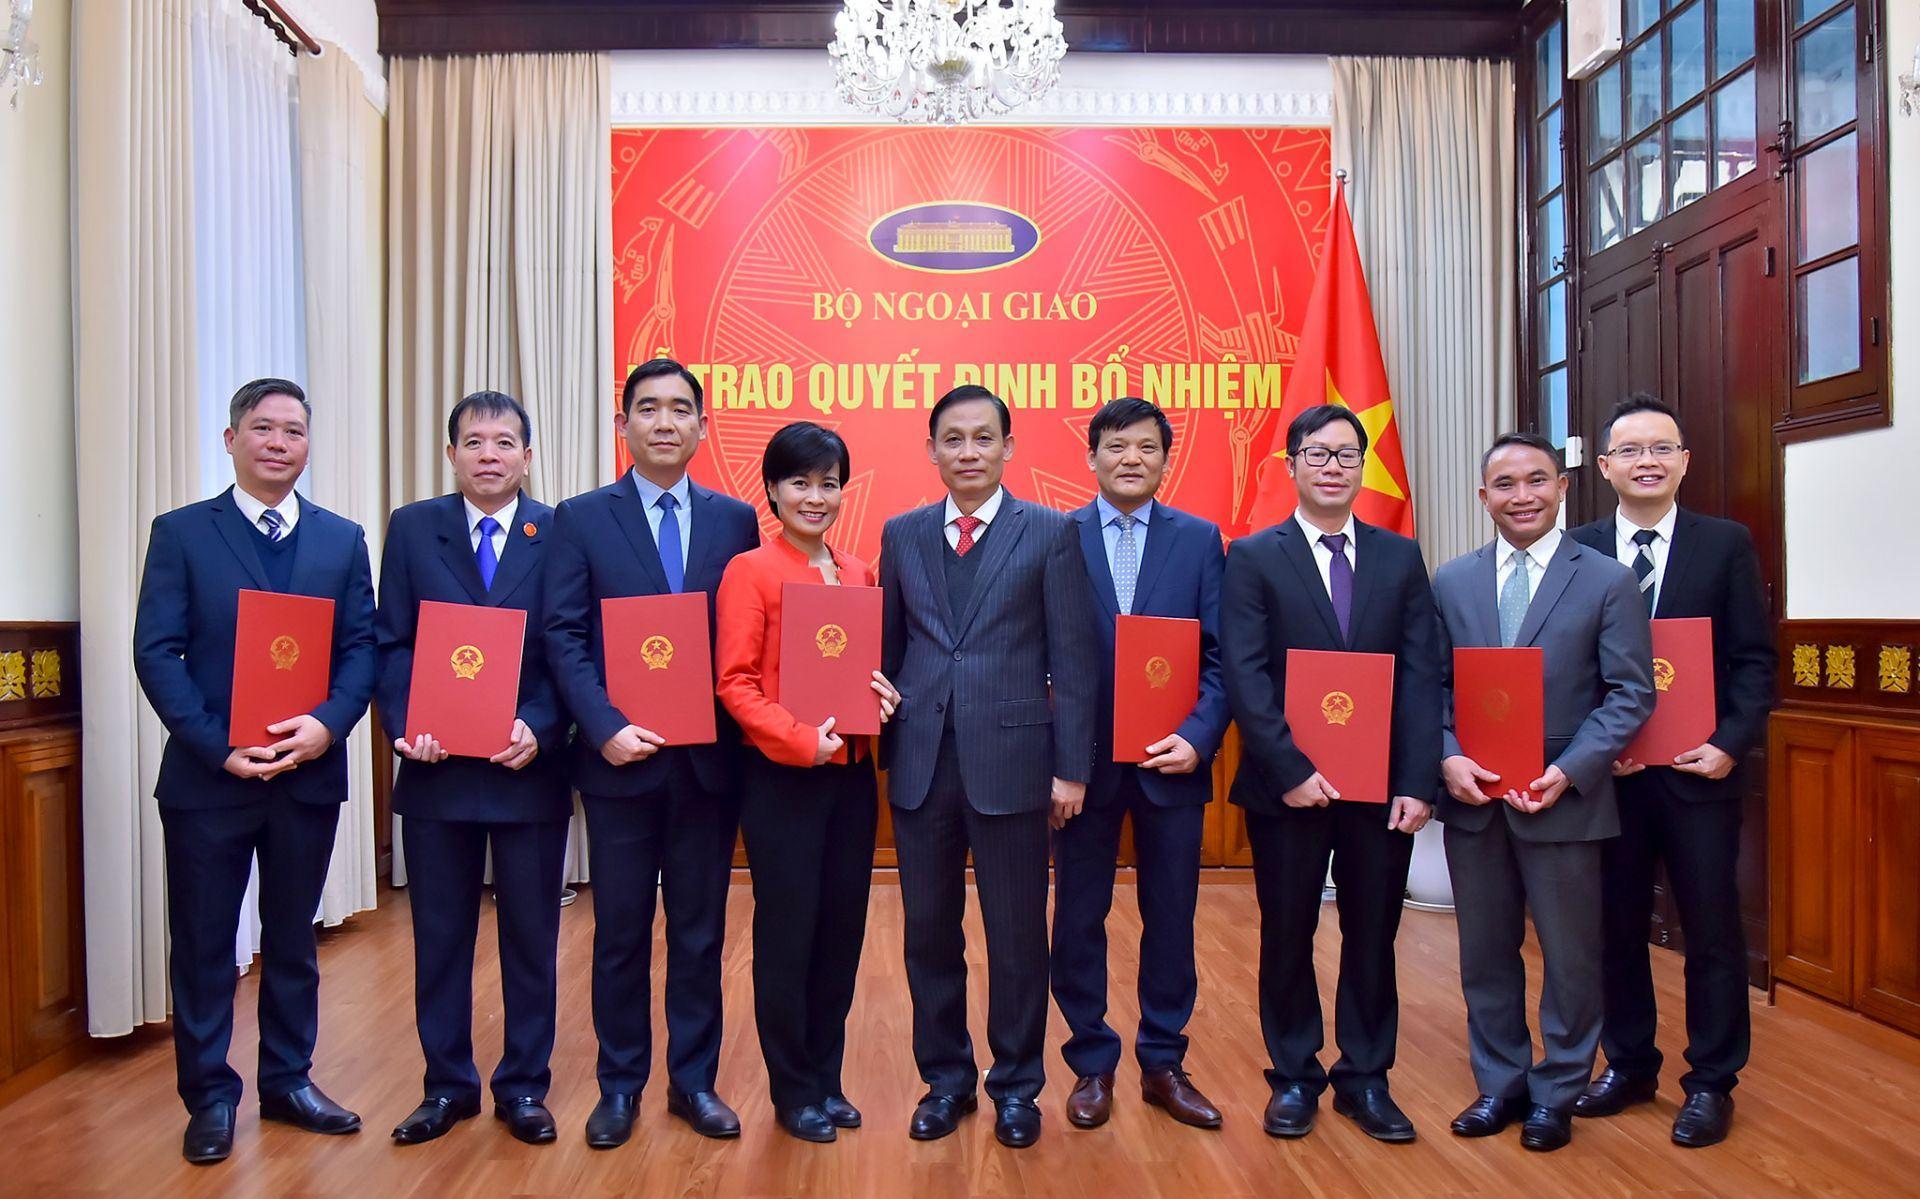 Bộ Ngoại giao trao quyết định bổ nhiệm, điều động cán bộ cấp Vụ